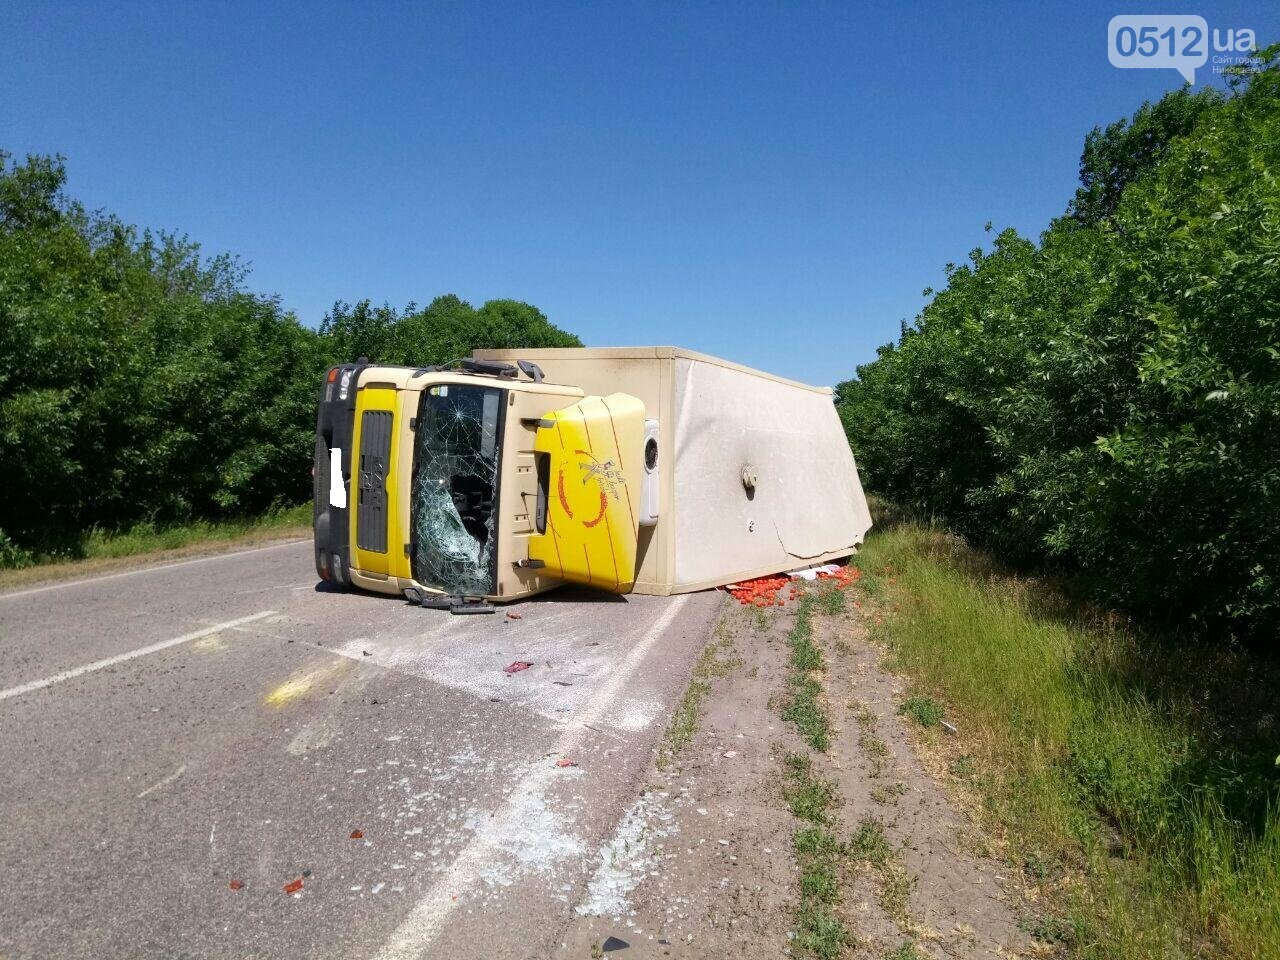 На трассе под Николаевом перевернулся грузовик с томатами, - ФОТО , фото-3